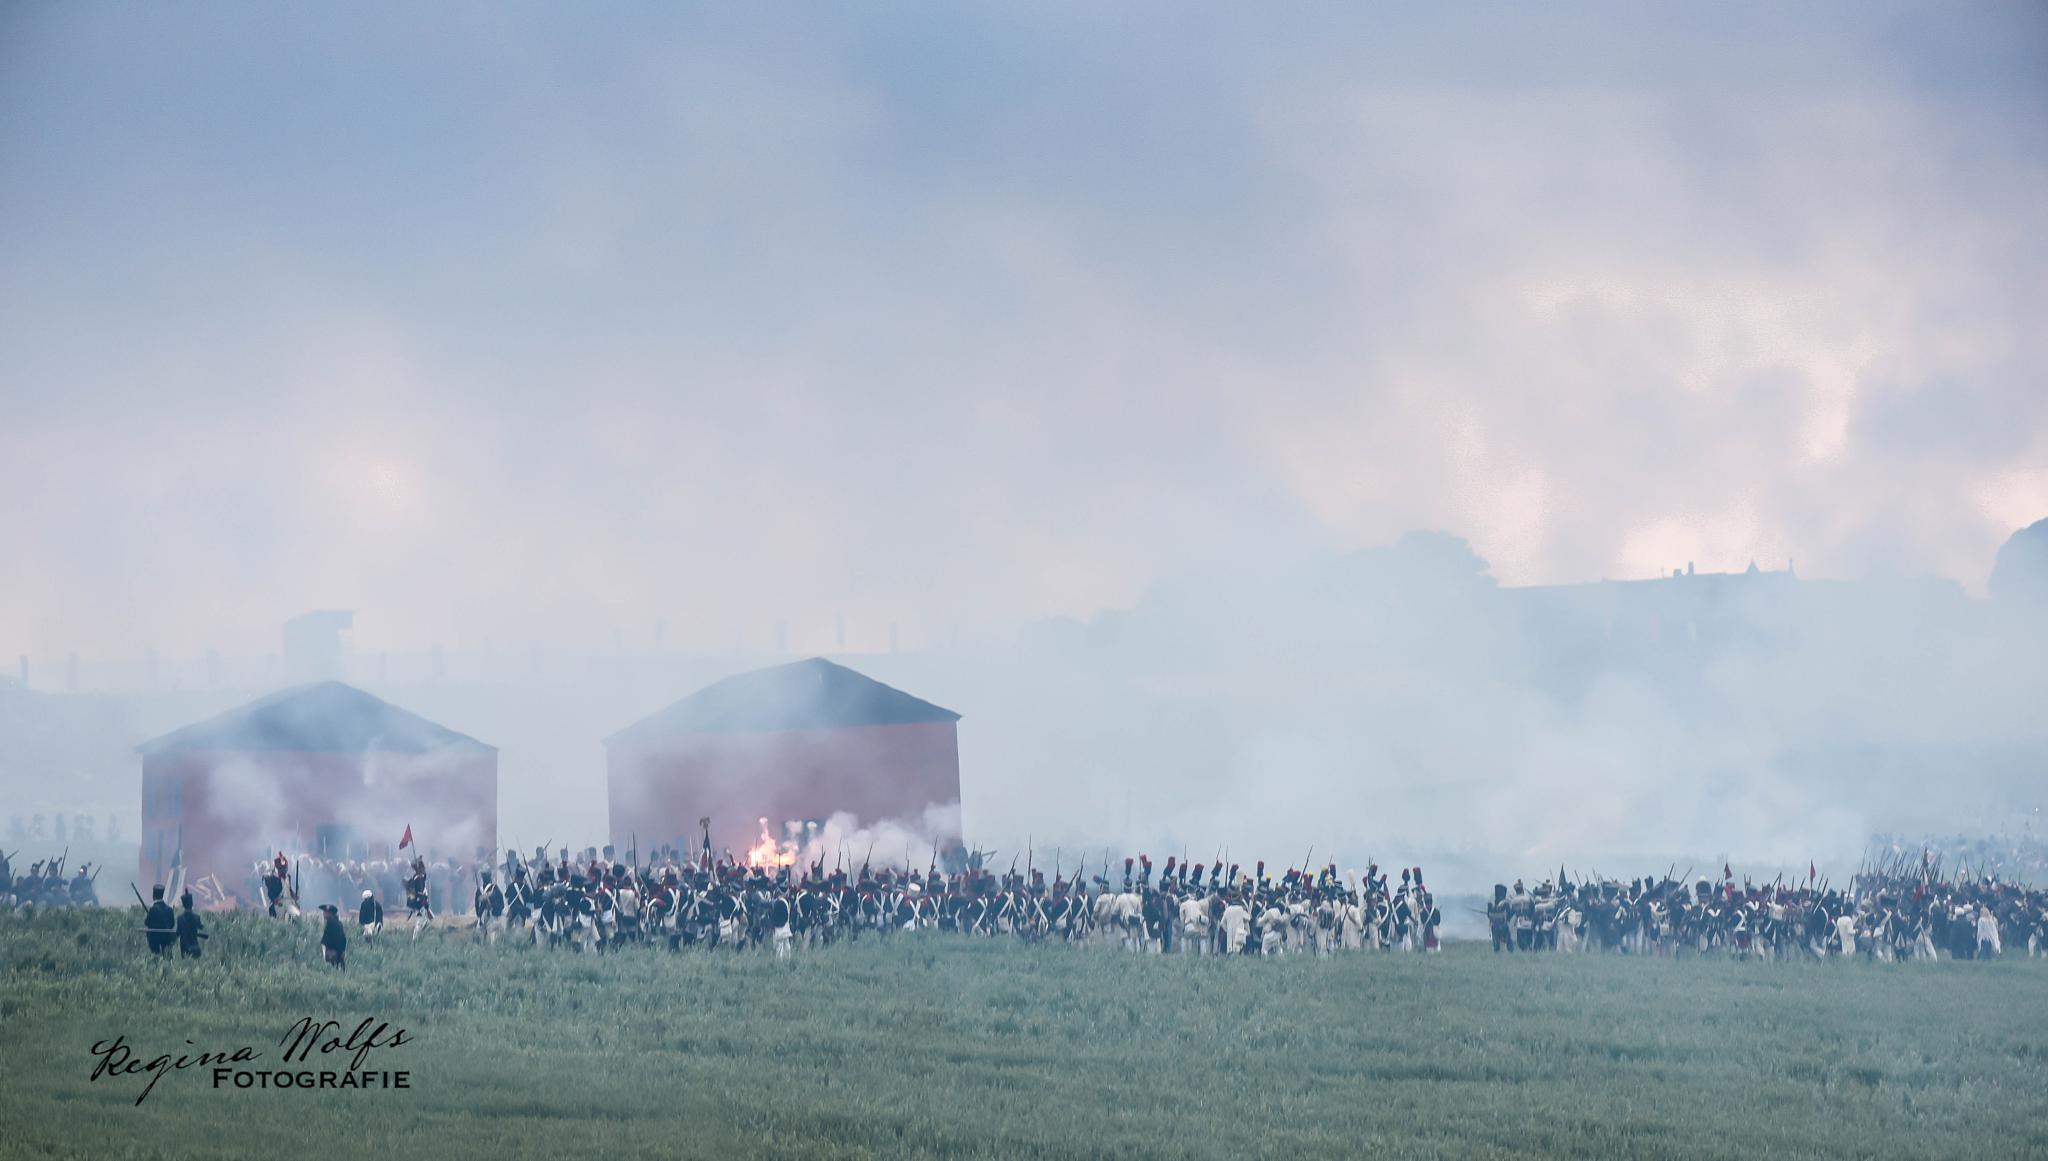 the battlefield of Waterloo by Regina Wolfs